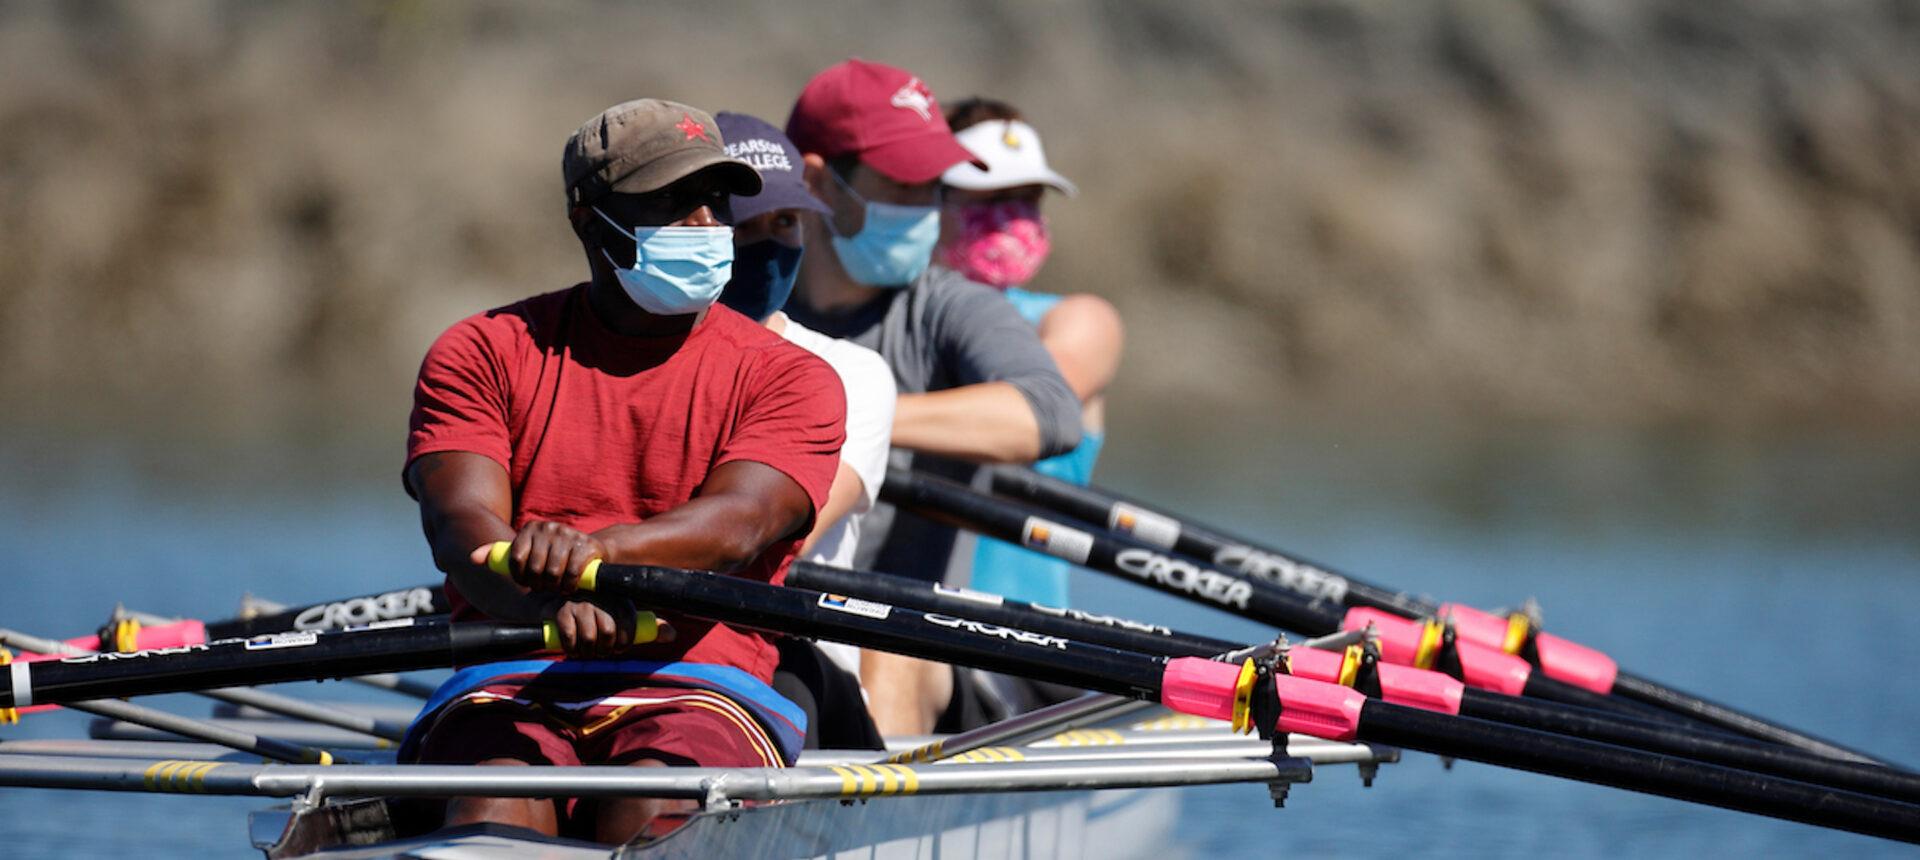 Member Update #7: Return to Rowing